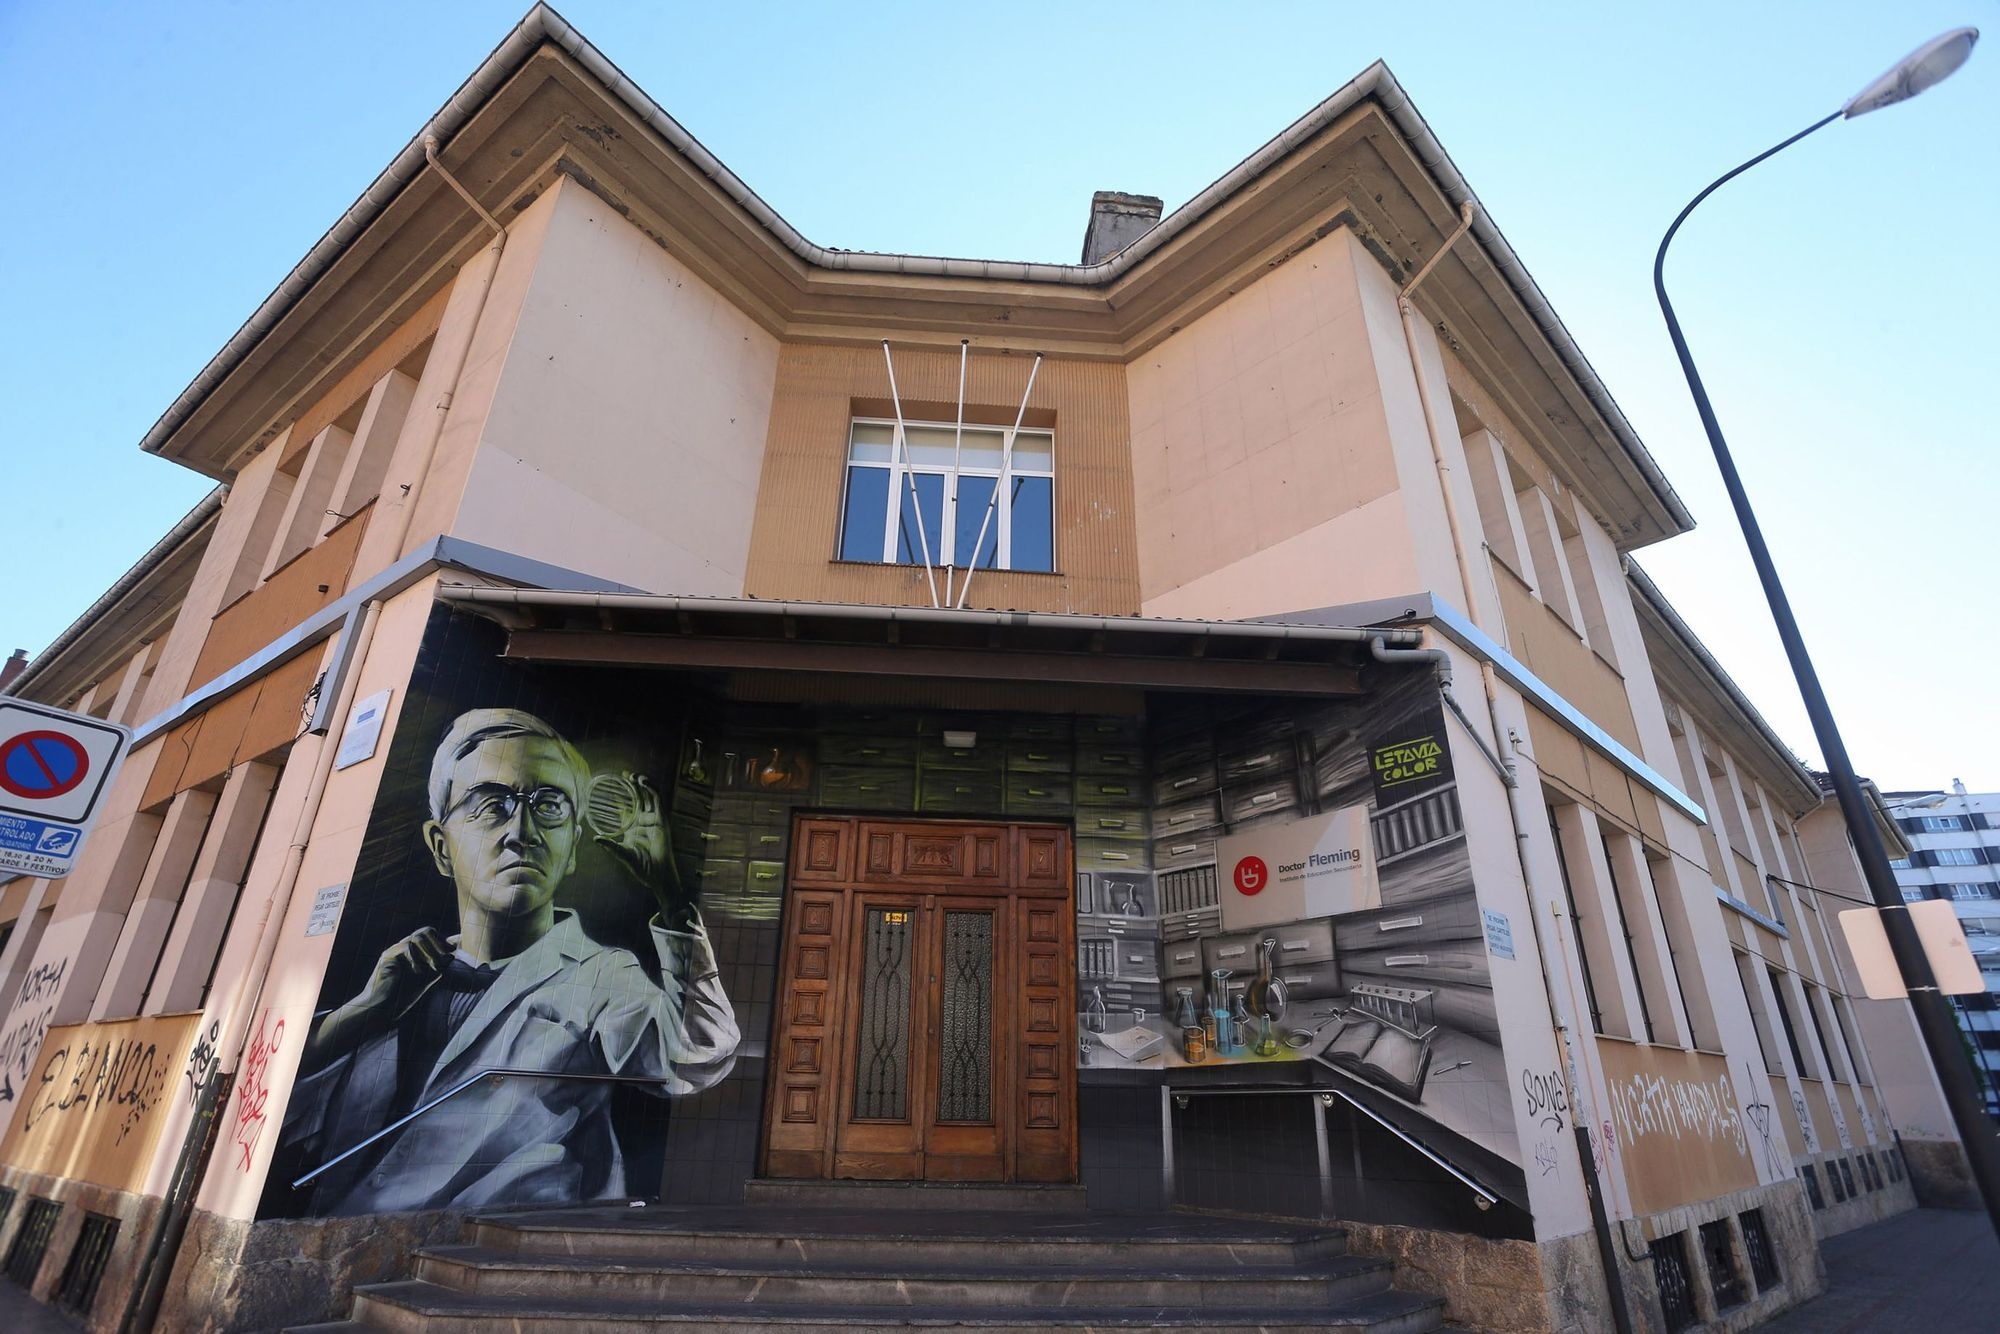 El asturiano Bastián Prendes, entre los mejores grafiteros de España